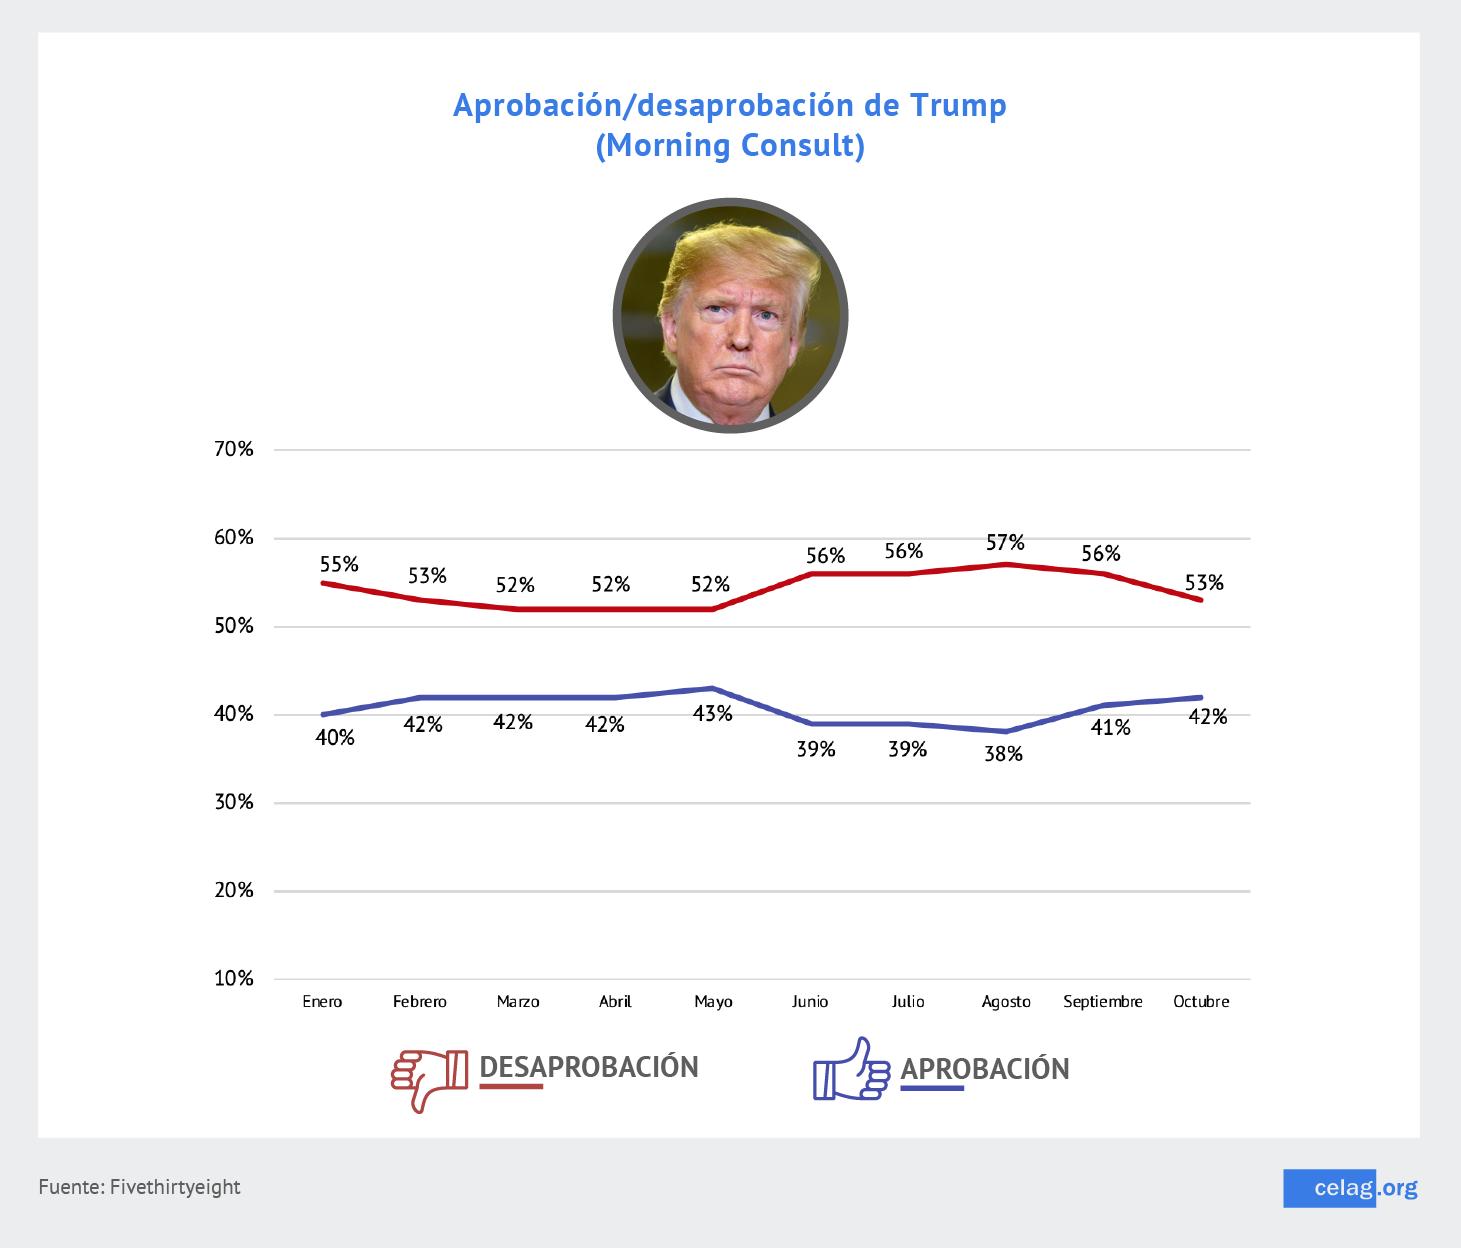 Aprobación y desaprobación Trump